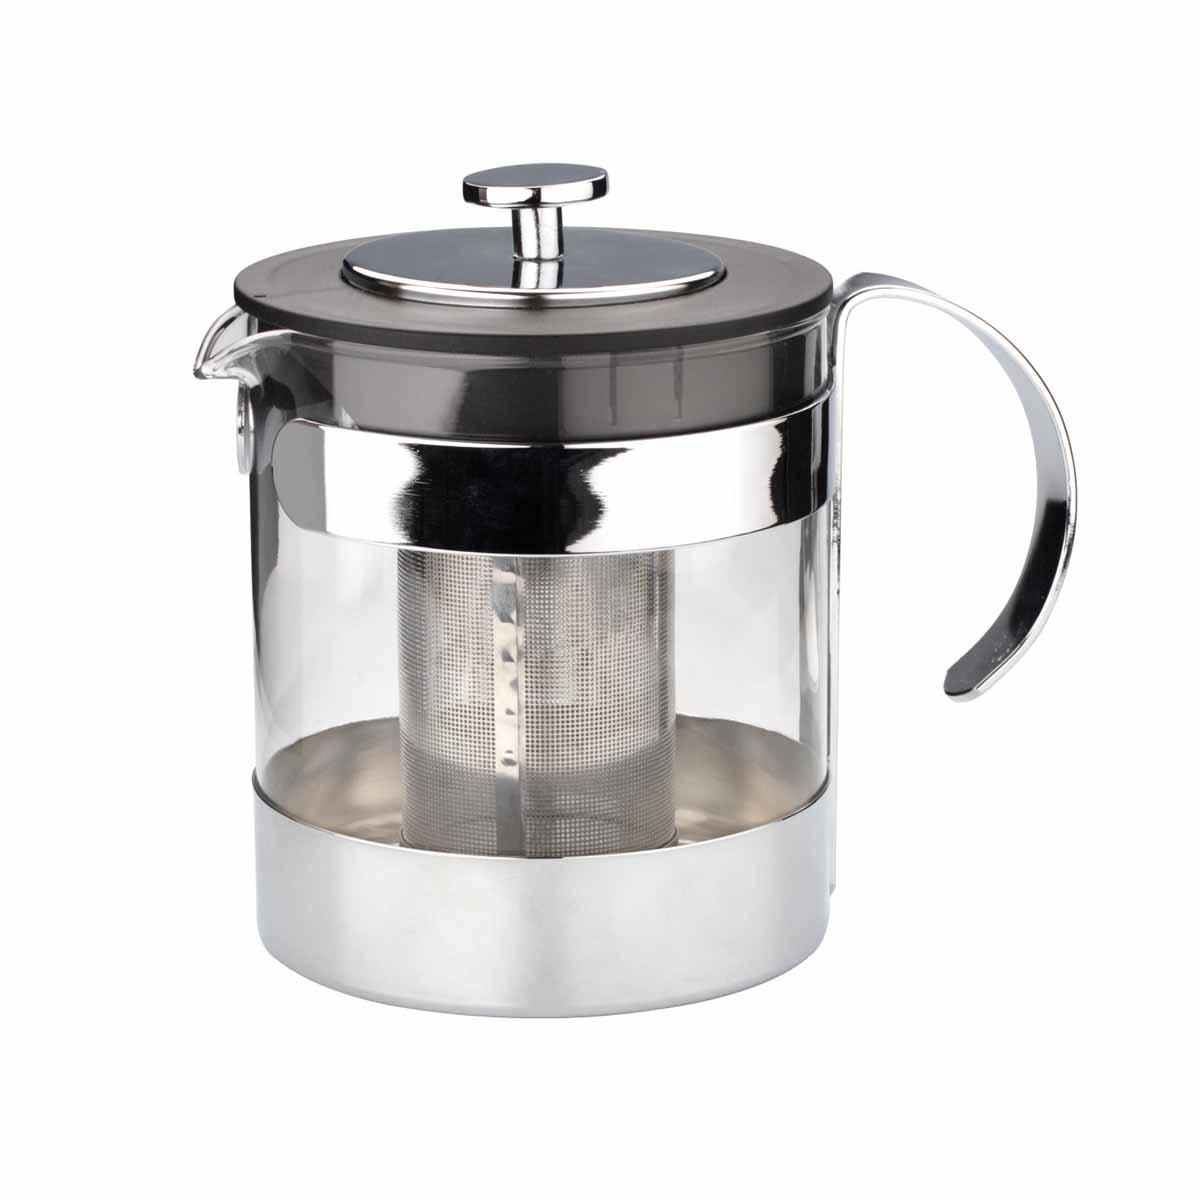 Чайник заварочный Dekok, 1,2 лCP-1021Заварочный чайник Dekok изготовлен из термостойкого стекла - прочного износостойкого материала. Чайник оснащен фильтром и крышкой из нержавеющей стали.Простой и удобный чайник поможет вам приготовить крепкий, ароматный чай или кофе. Дизайн изделия создает гипнотическую атмосферу через сочетание полупрозрачного цвета и хромированных элементов. Не рекомендуется мыть в посудомоечной машине. Не использовать в микроволновой печи.Диаметр (по верхнему краю): 11 см.Высота (без учета крышки): 13,5 см.Высота фильтра: 9 см.